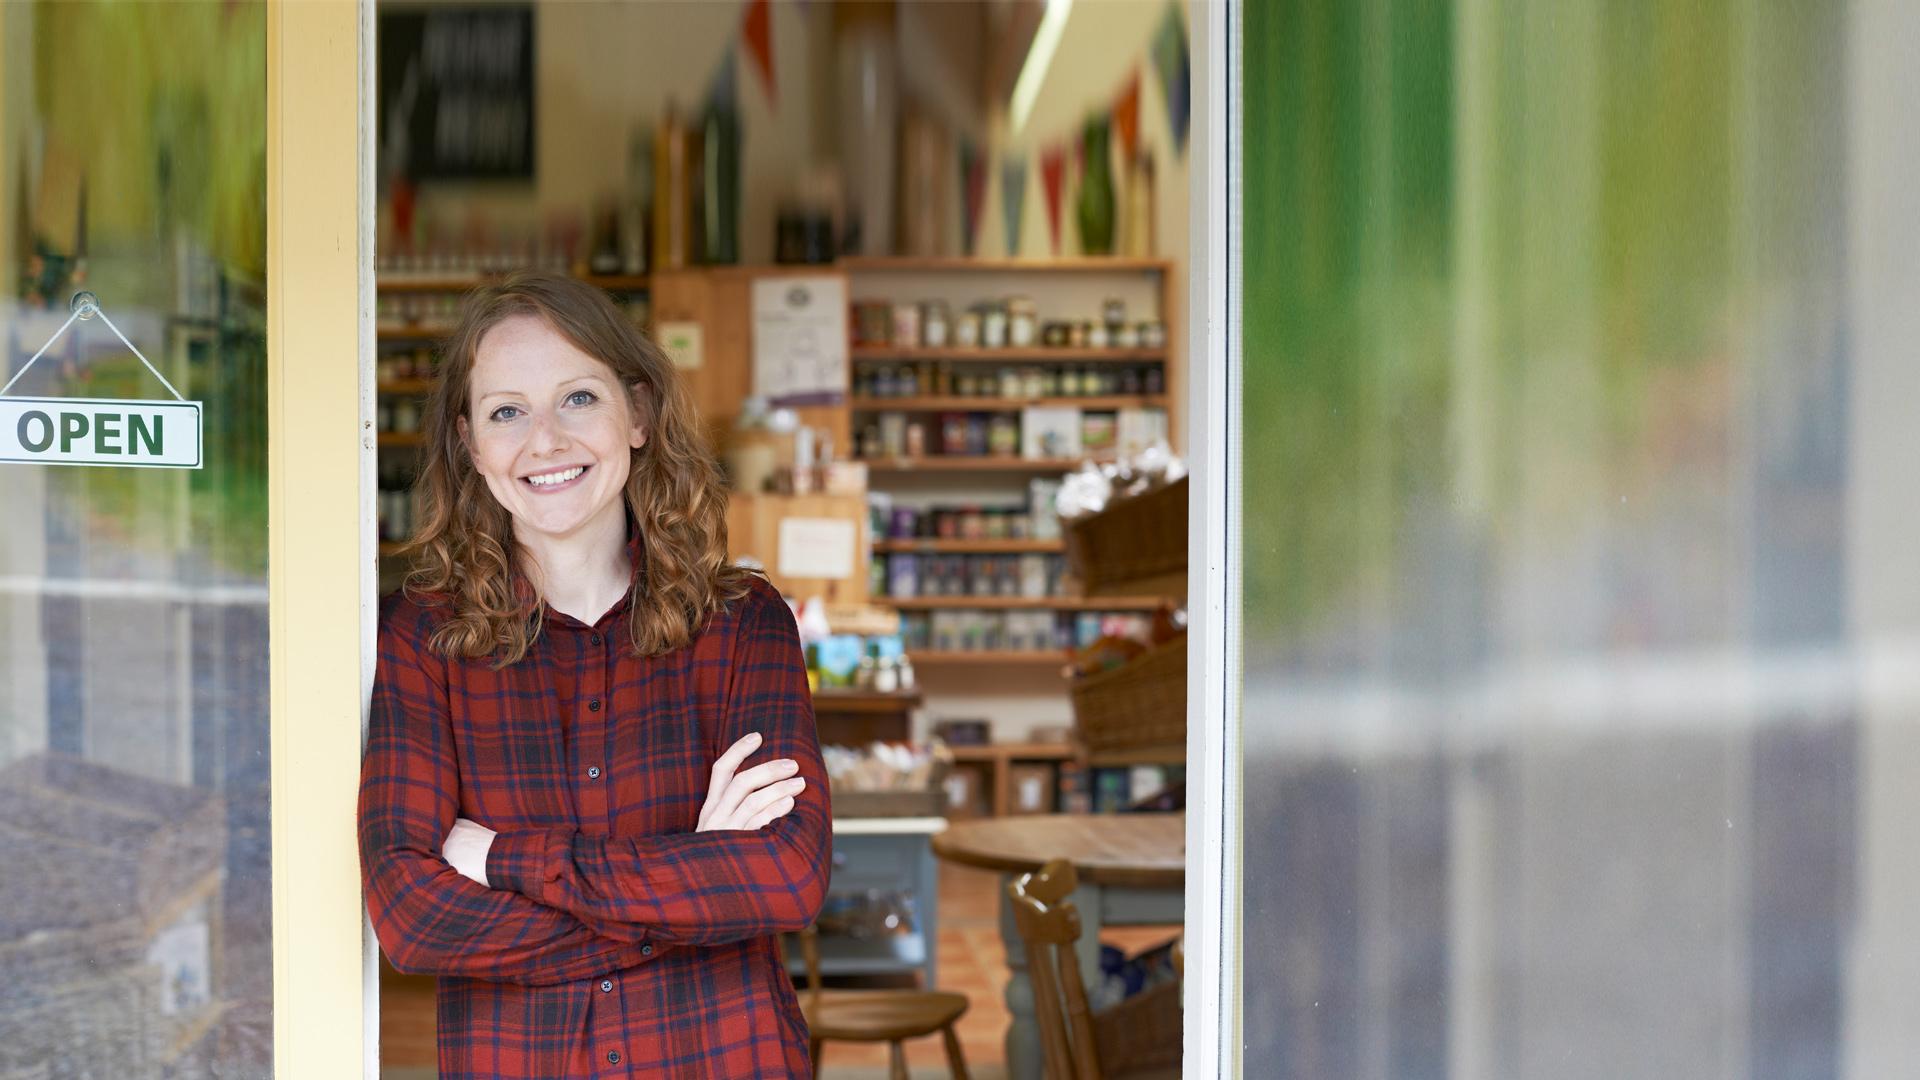 Junge Frau steht in Tür von Geschäftslokal